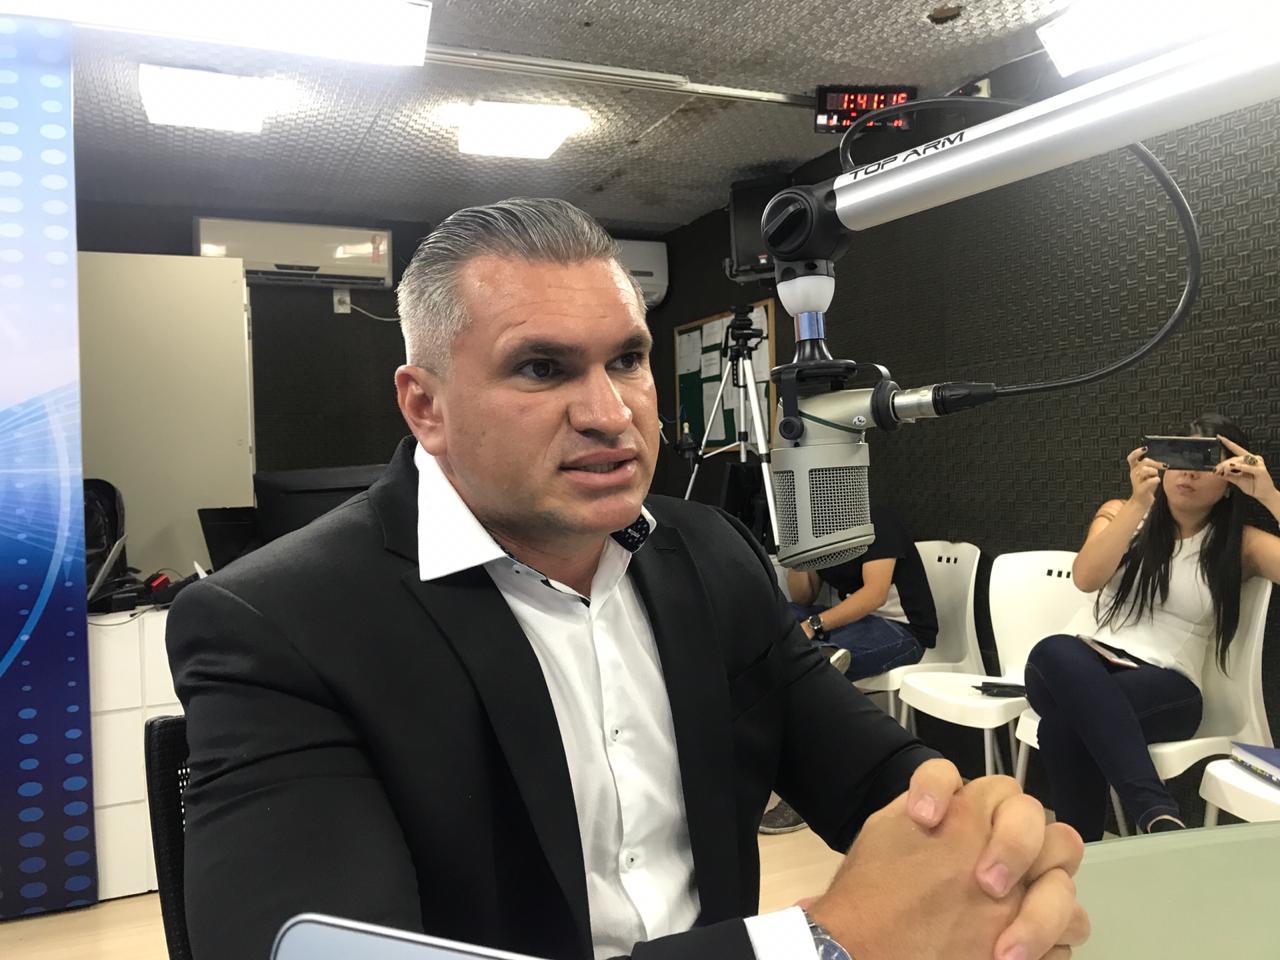 0de9458d 413c 4ce3 8950 d2a4bfd43ee4 - VEJA VÍDEO: Julian Lemos diz que 30% a 40% do Bolsa Família são fraudes